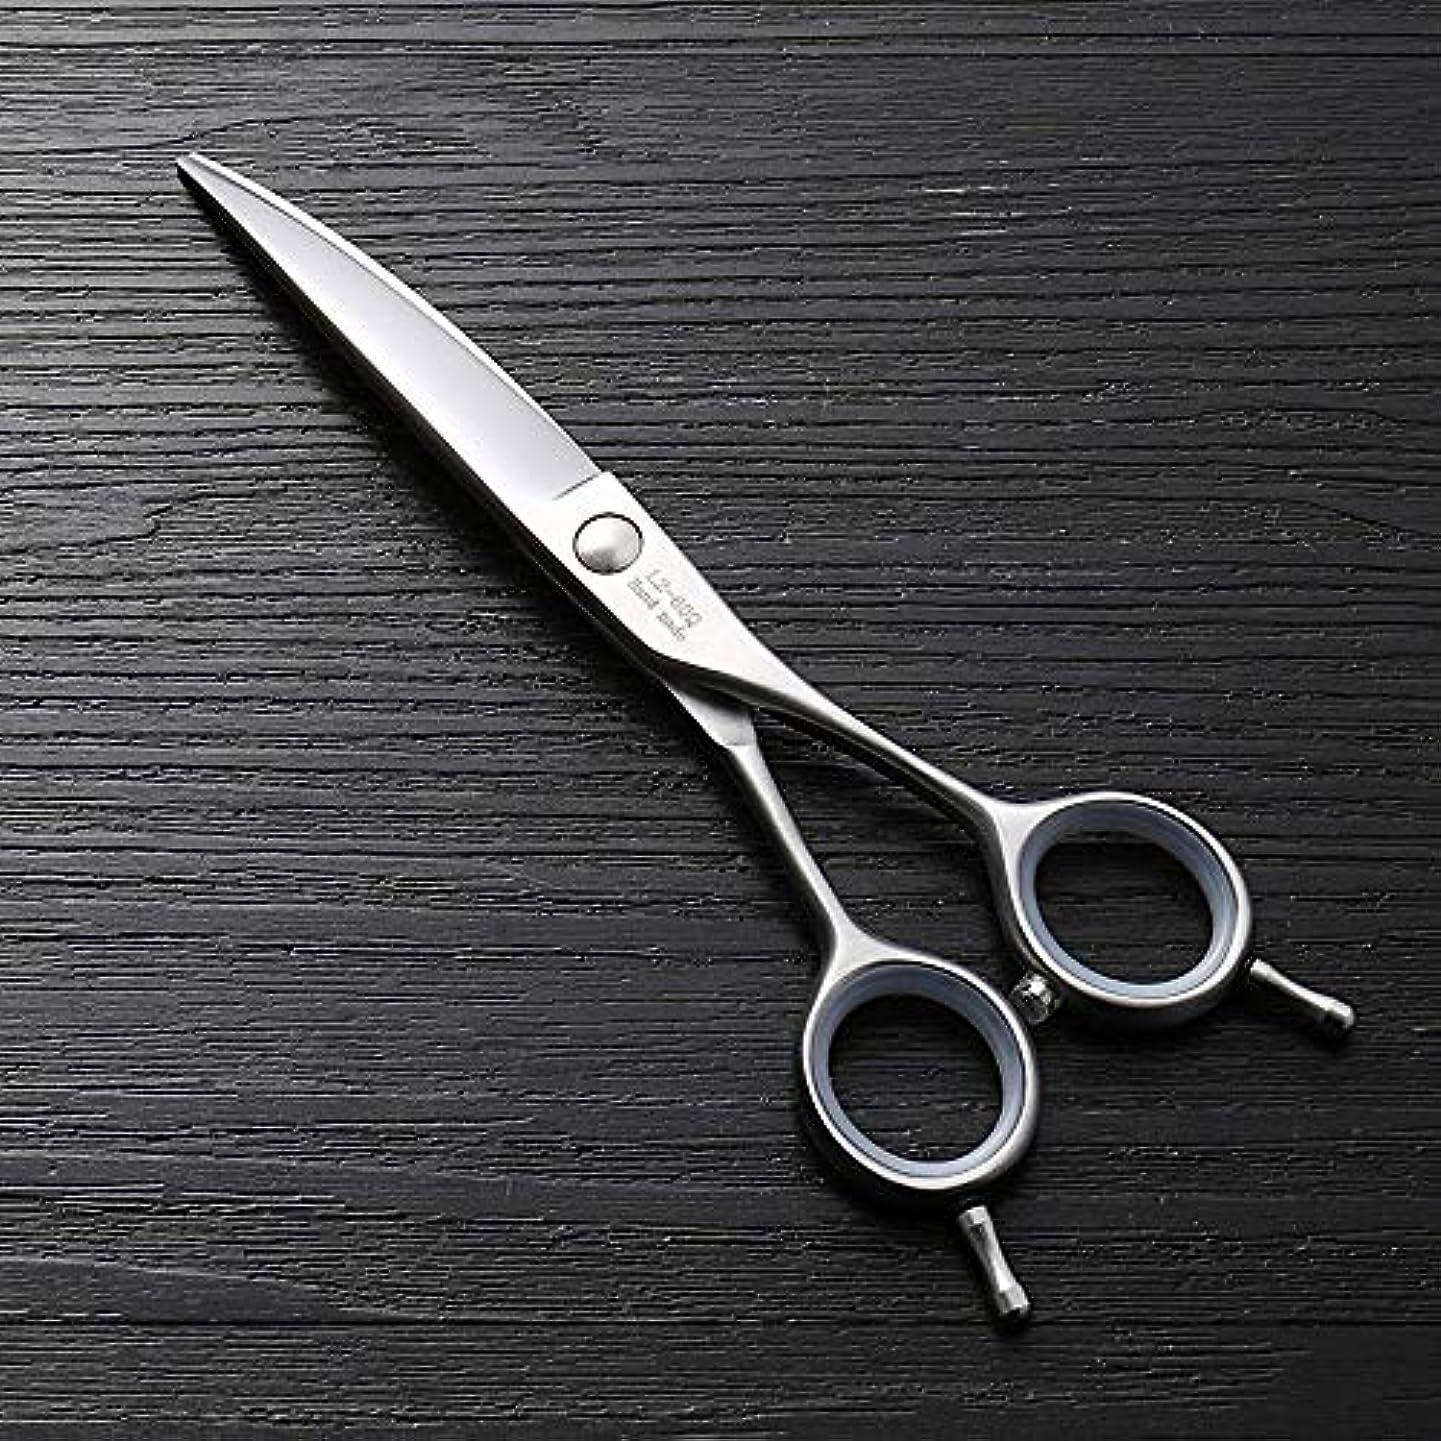 解説反対例外6インチワープカットフラット理髪ツール、トレンド新しいヘアカットはさみ ヘアケア (色 : Silver)